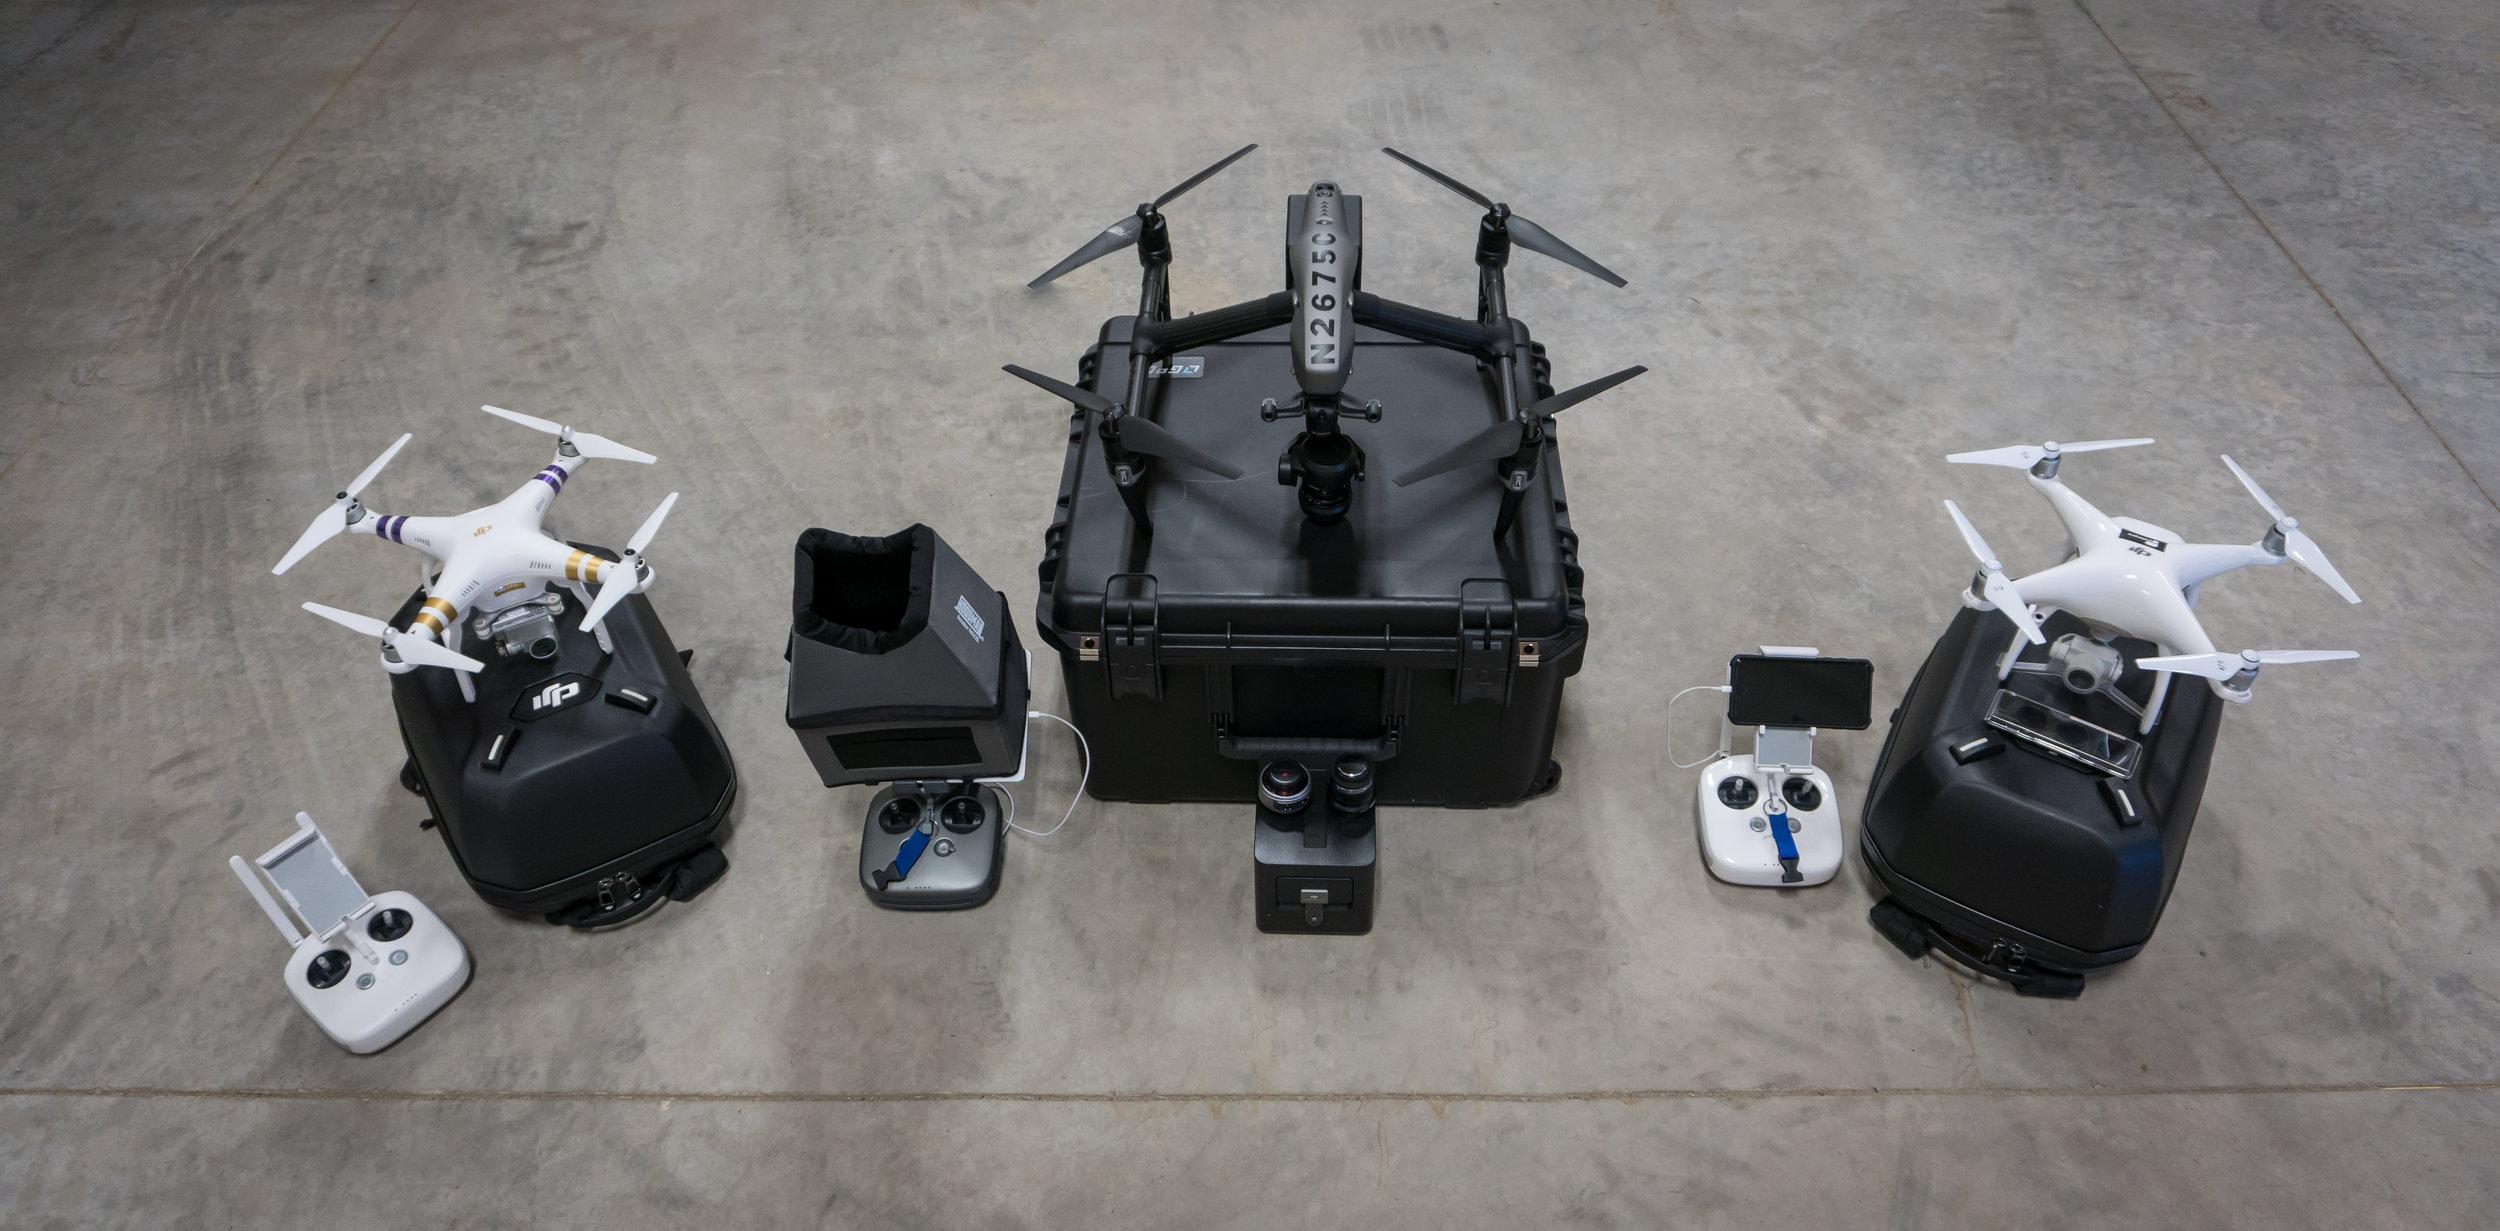 Webb Media Solutions'aerial vehicles